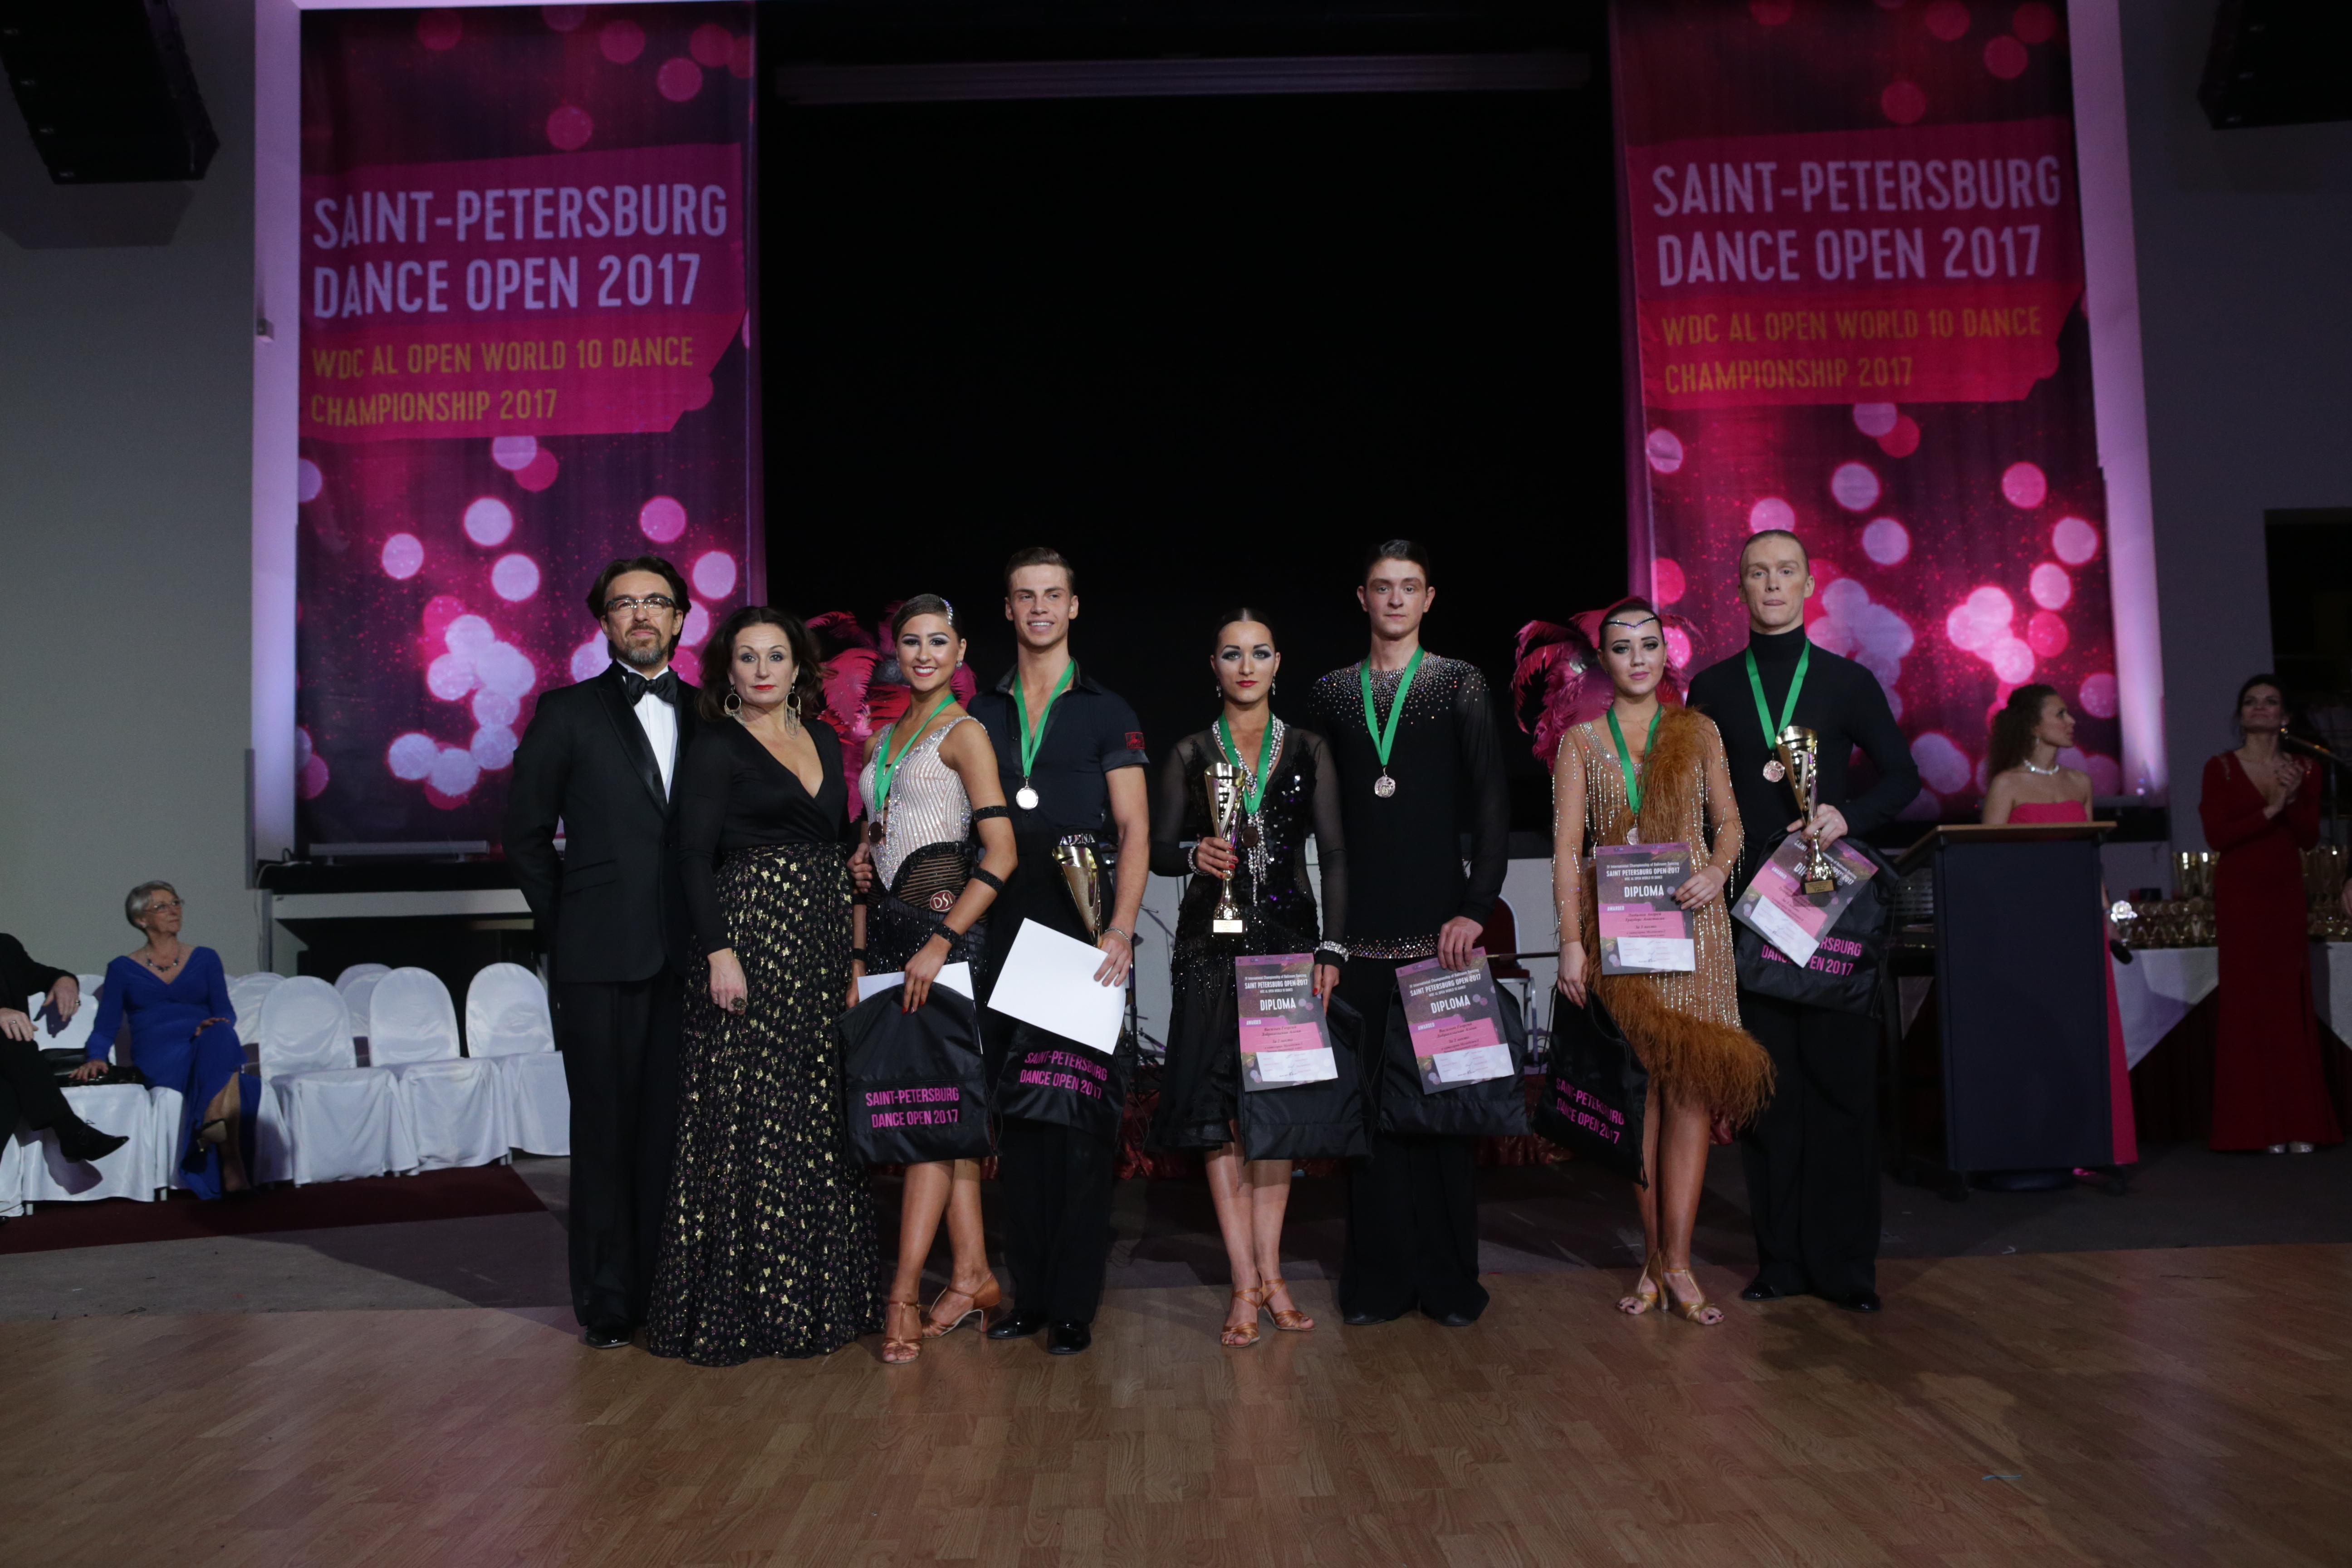 МЕЖДУНАРОДНЫЙ ОТКРЫТЫЙ ФЕСТИВАЛЬ «SAINT-PETERSBURG DANCE OPEN 2017»